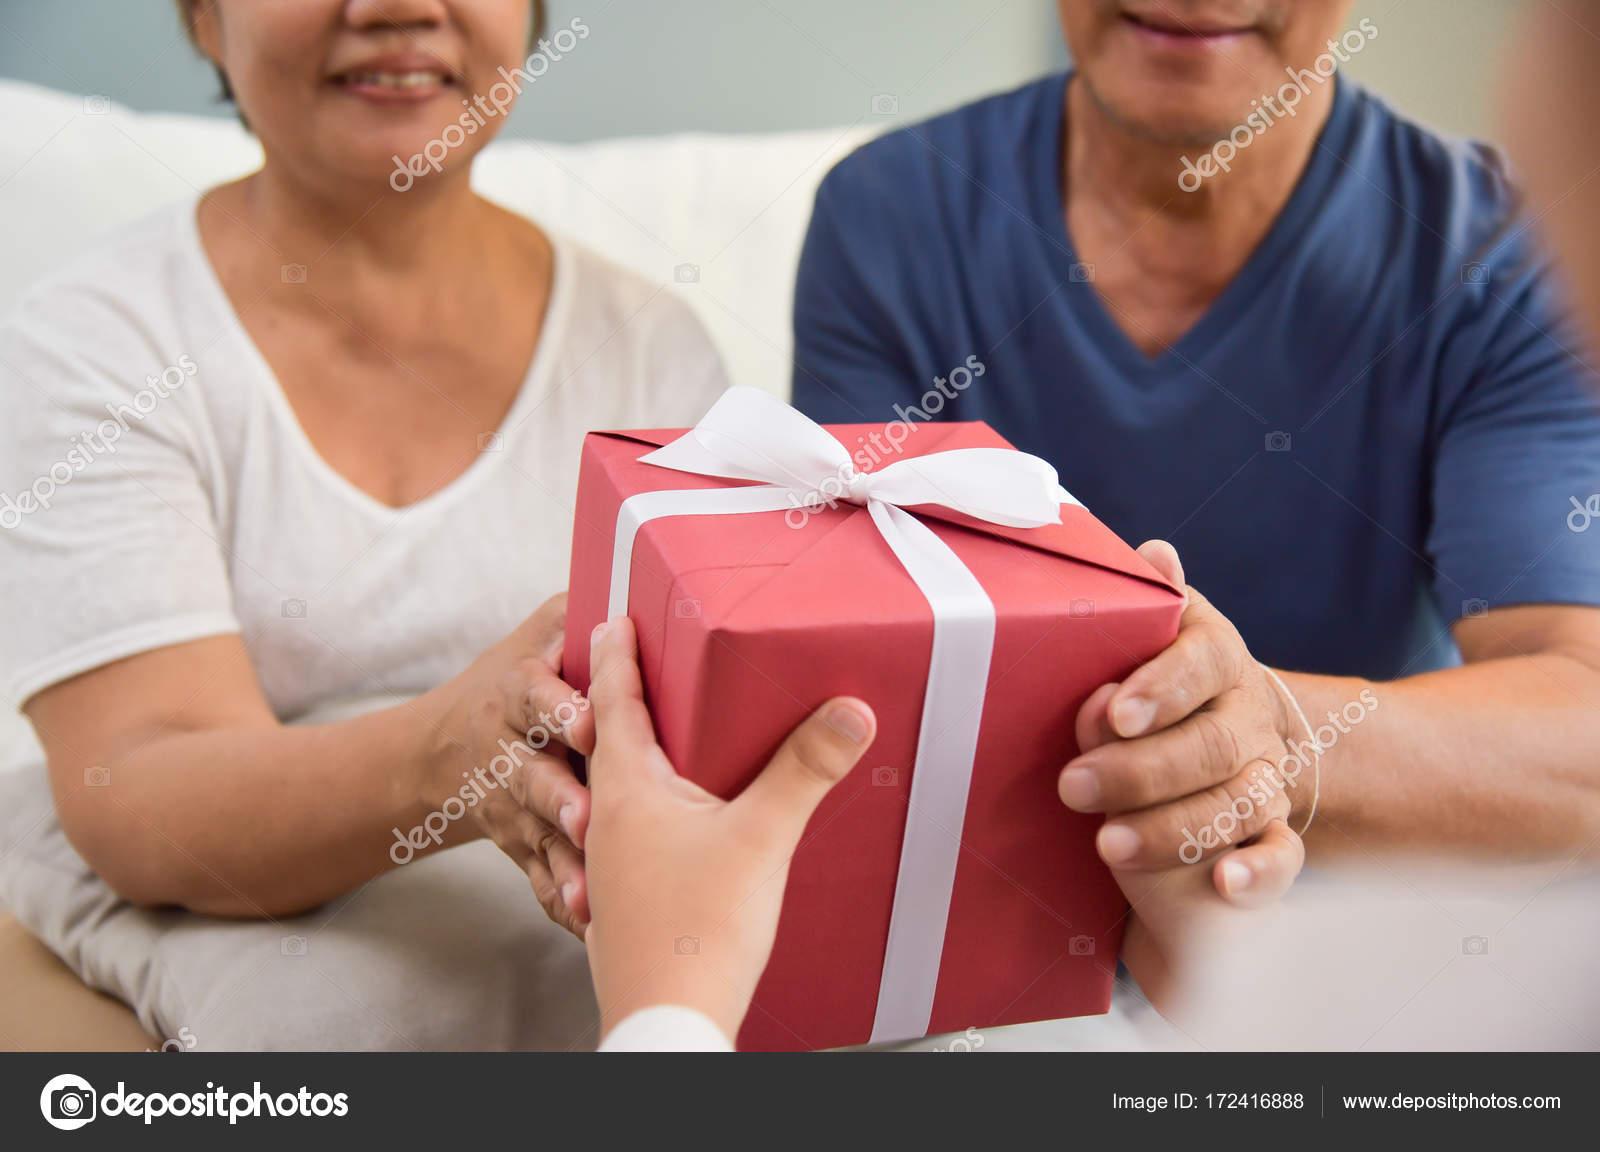 garçon asiatique donnant une boîte cadeau rouge à grand-père et